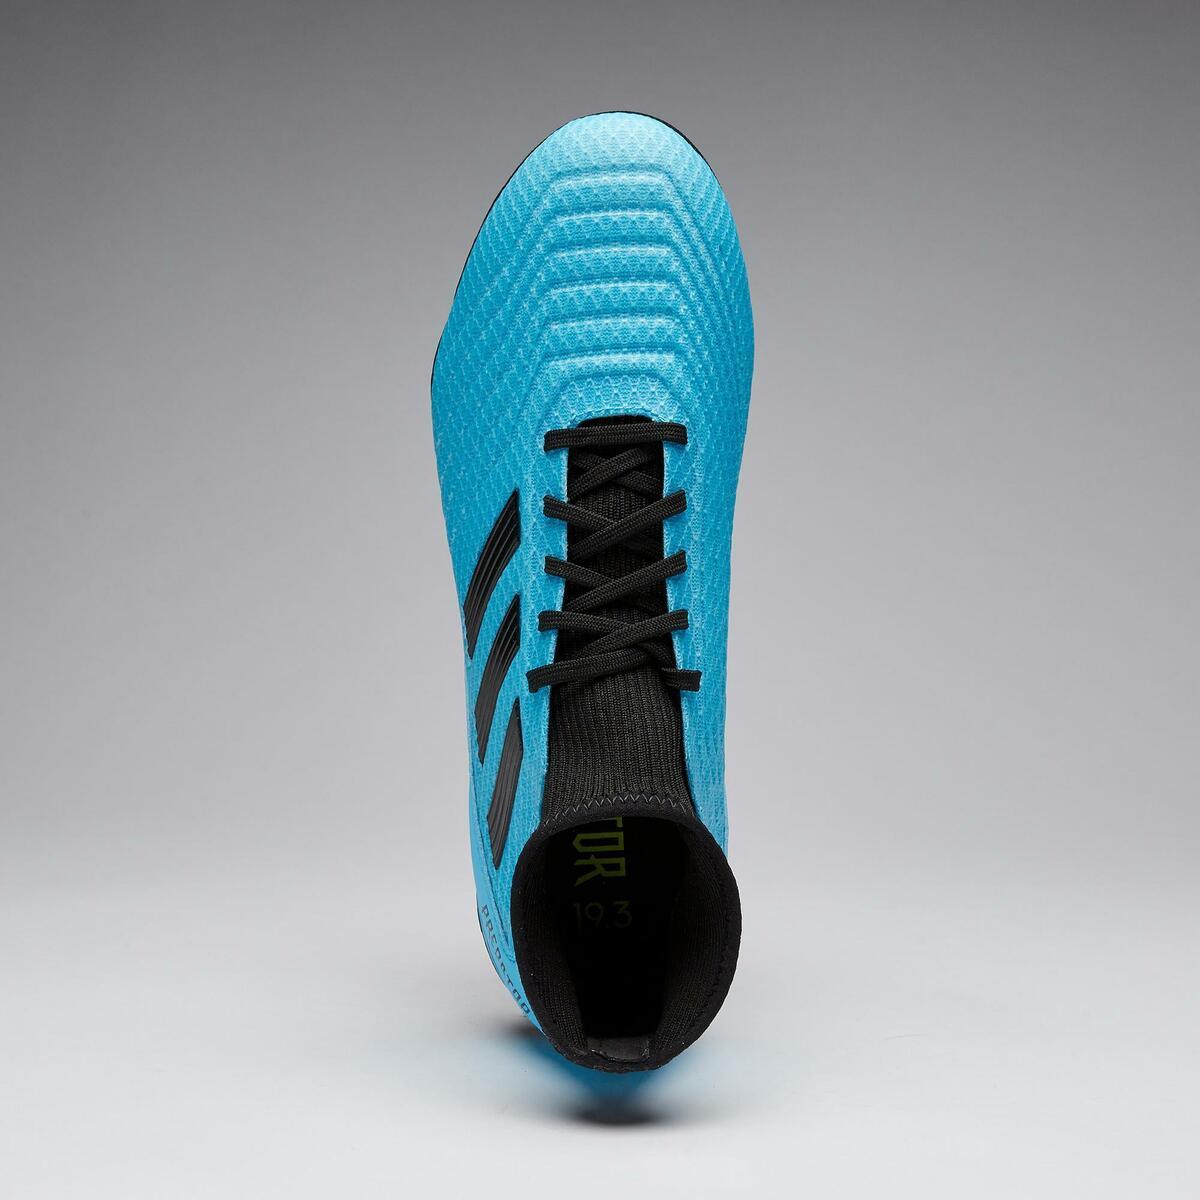 Bild 2 von Fussballschuhe Nocken Predator 19.3 FG Erwachsene blau